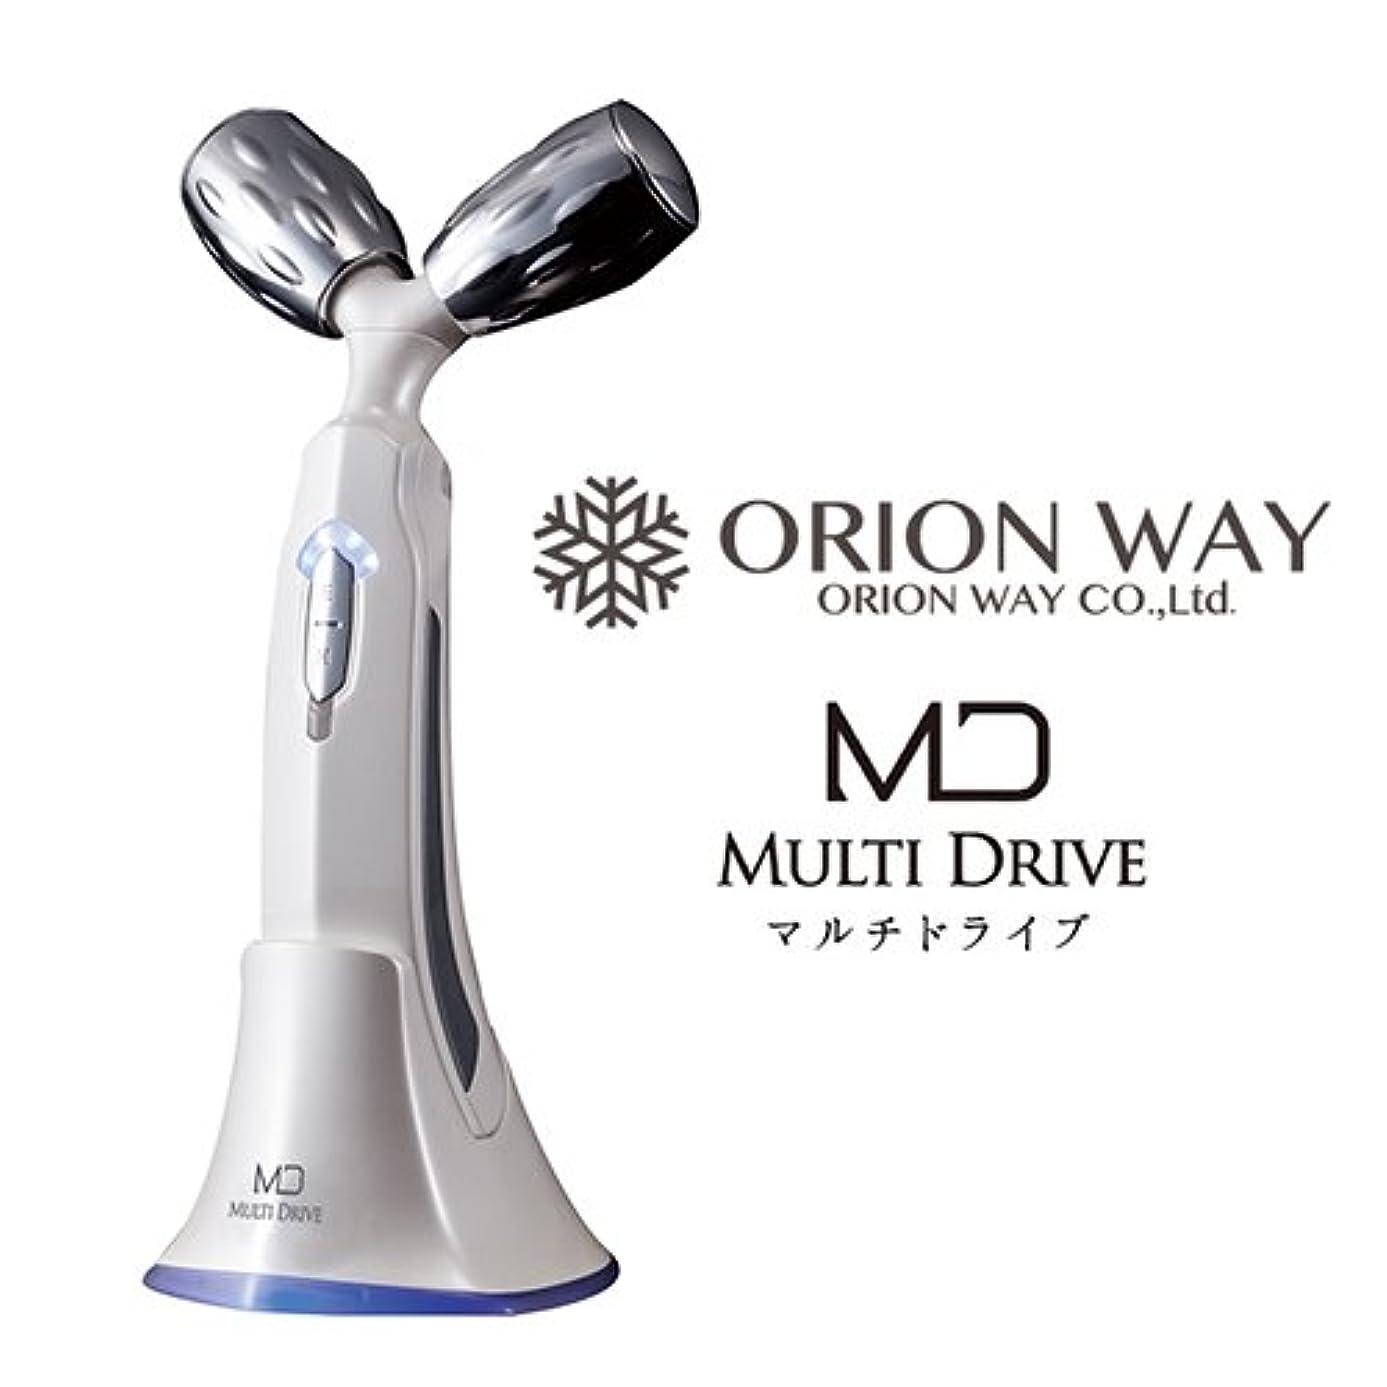 ビームブラシパール美容機器 MULTI DRIVE (マルチドライブ)